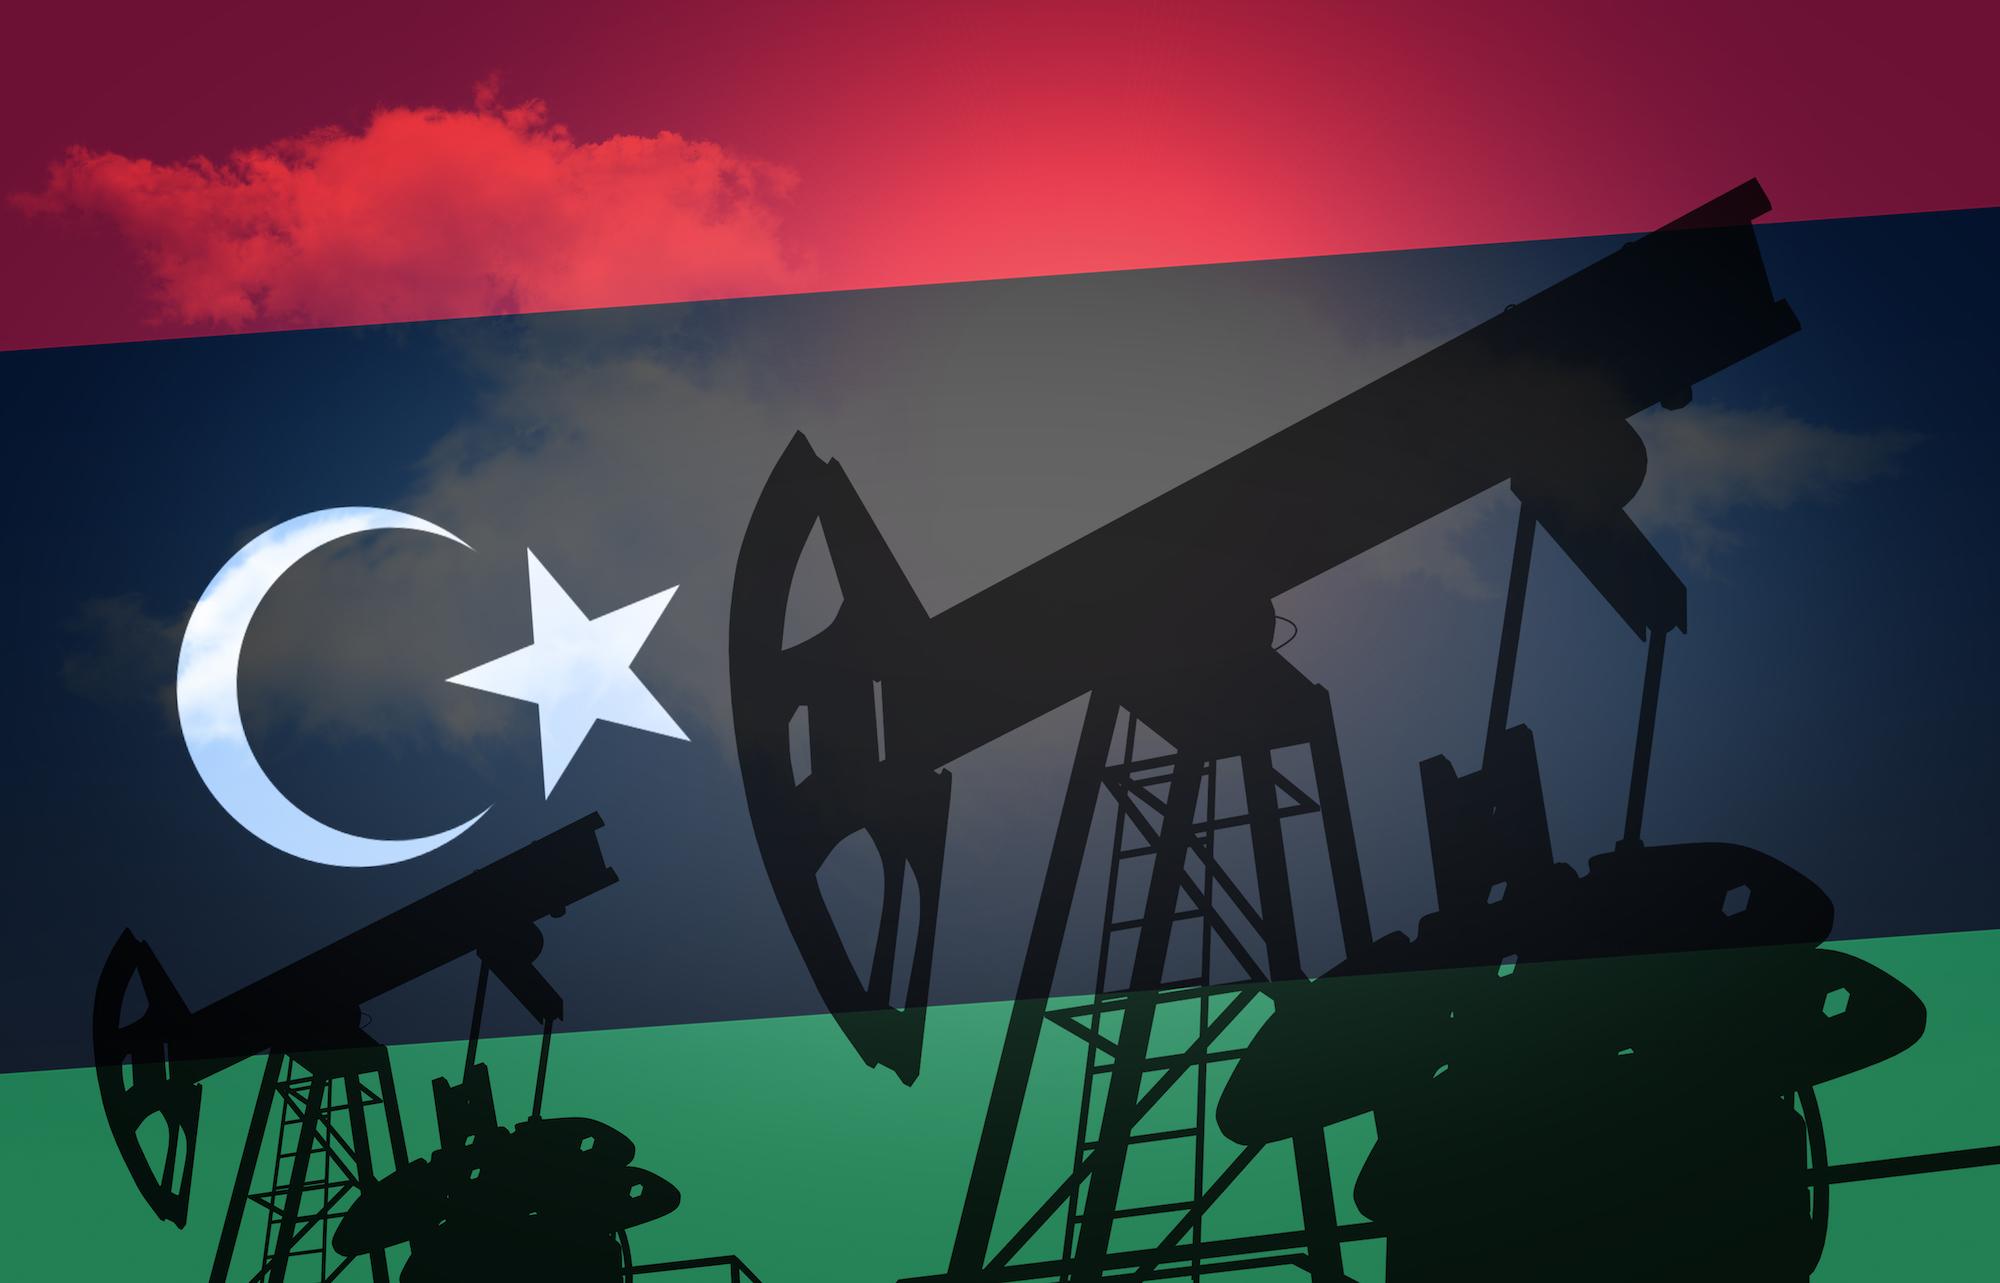 США требуют немедленно восстановить экспорт ливийской нефти, заблокированный Хафтаром (damadilumax)